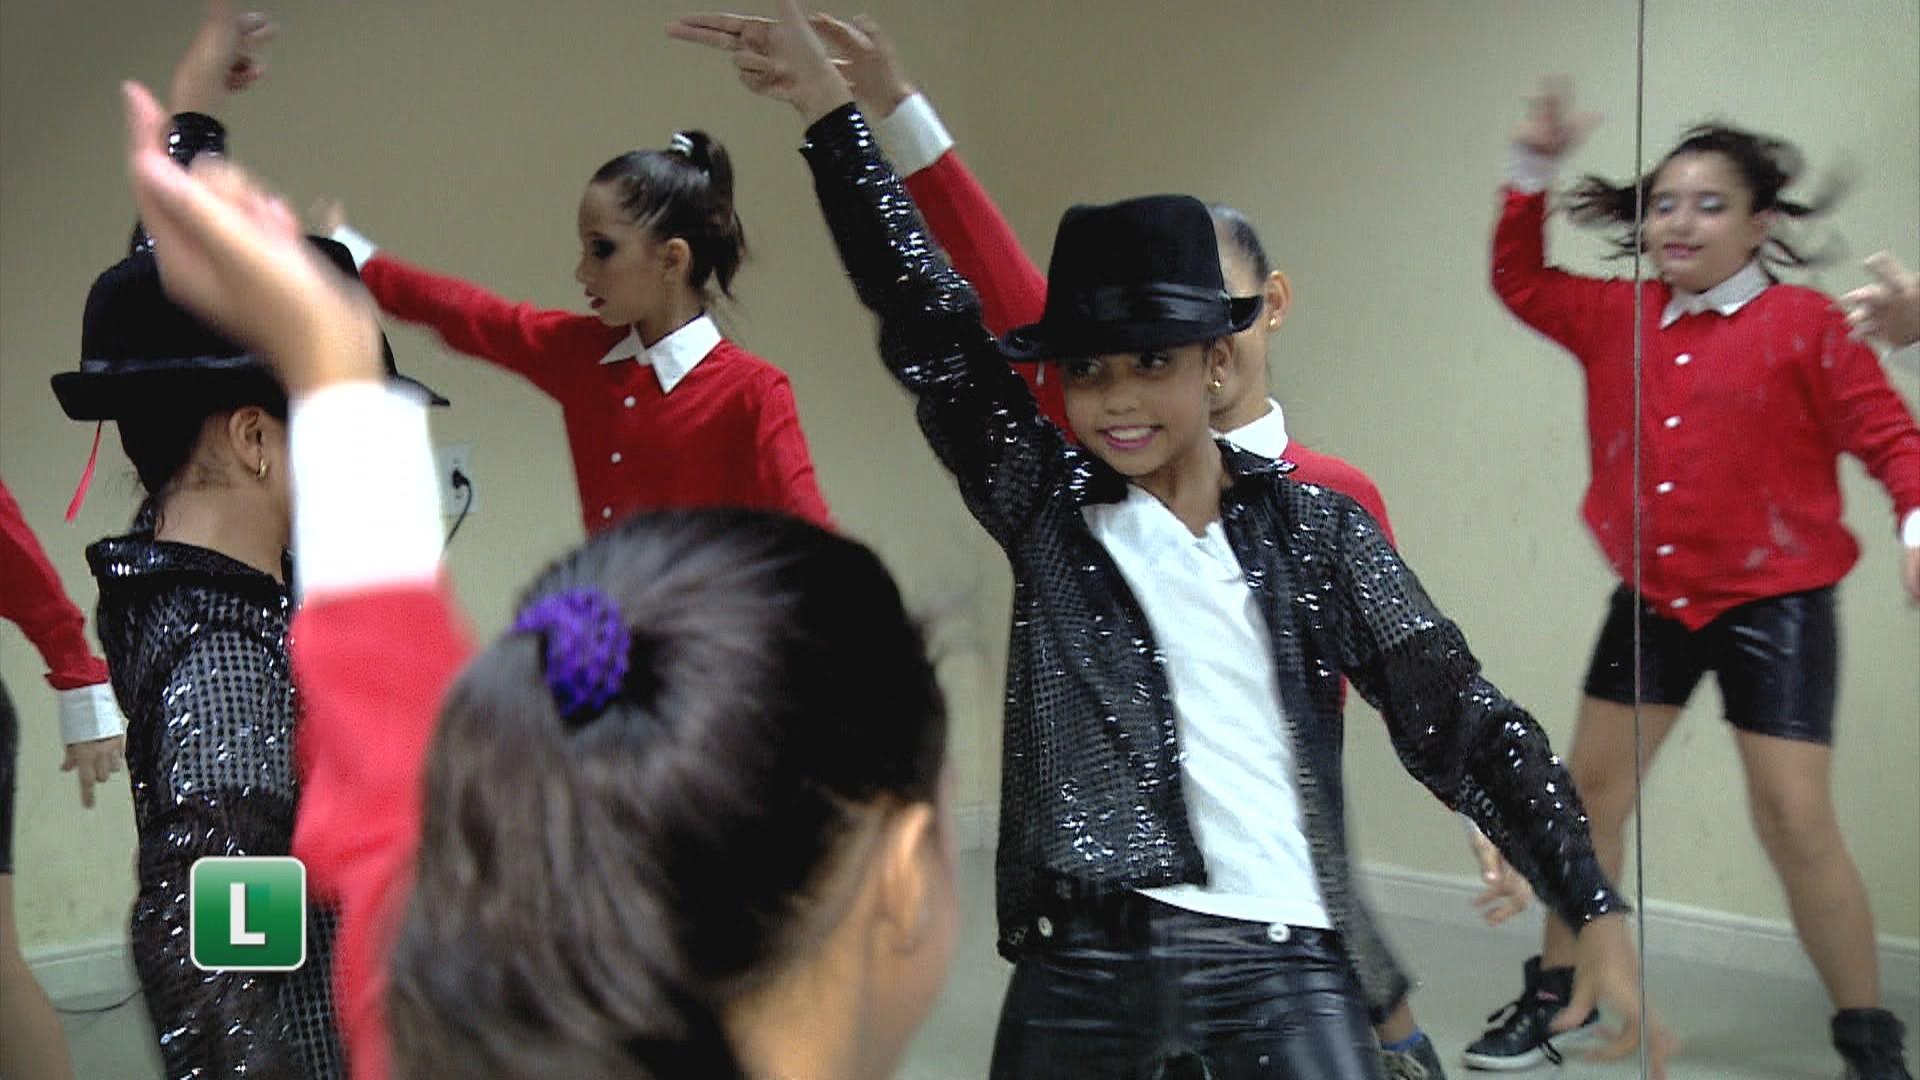 Elas dançam, aprendem e se divertem, neste sábado (8), no Amazônia Revista (Foto: Amazônia Revista)